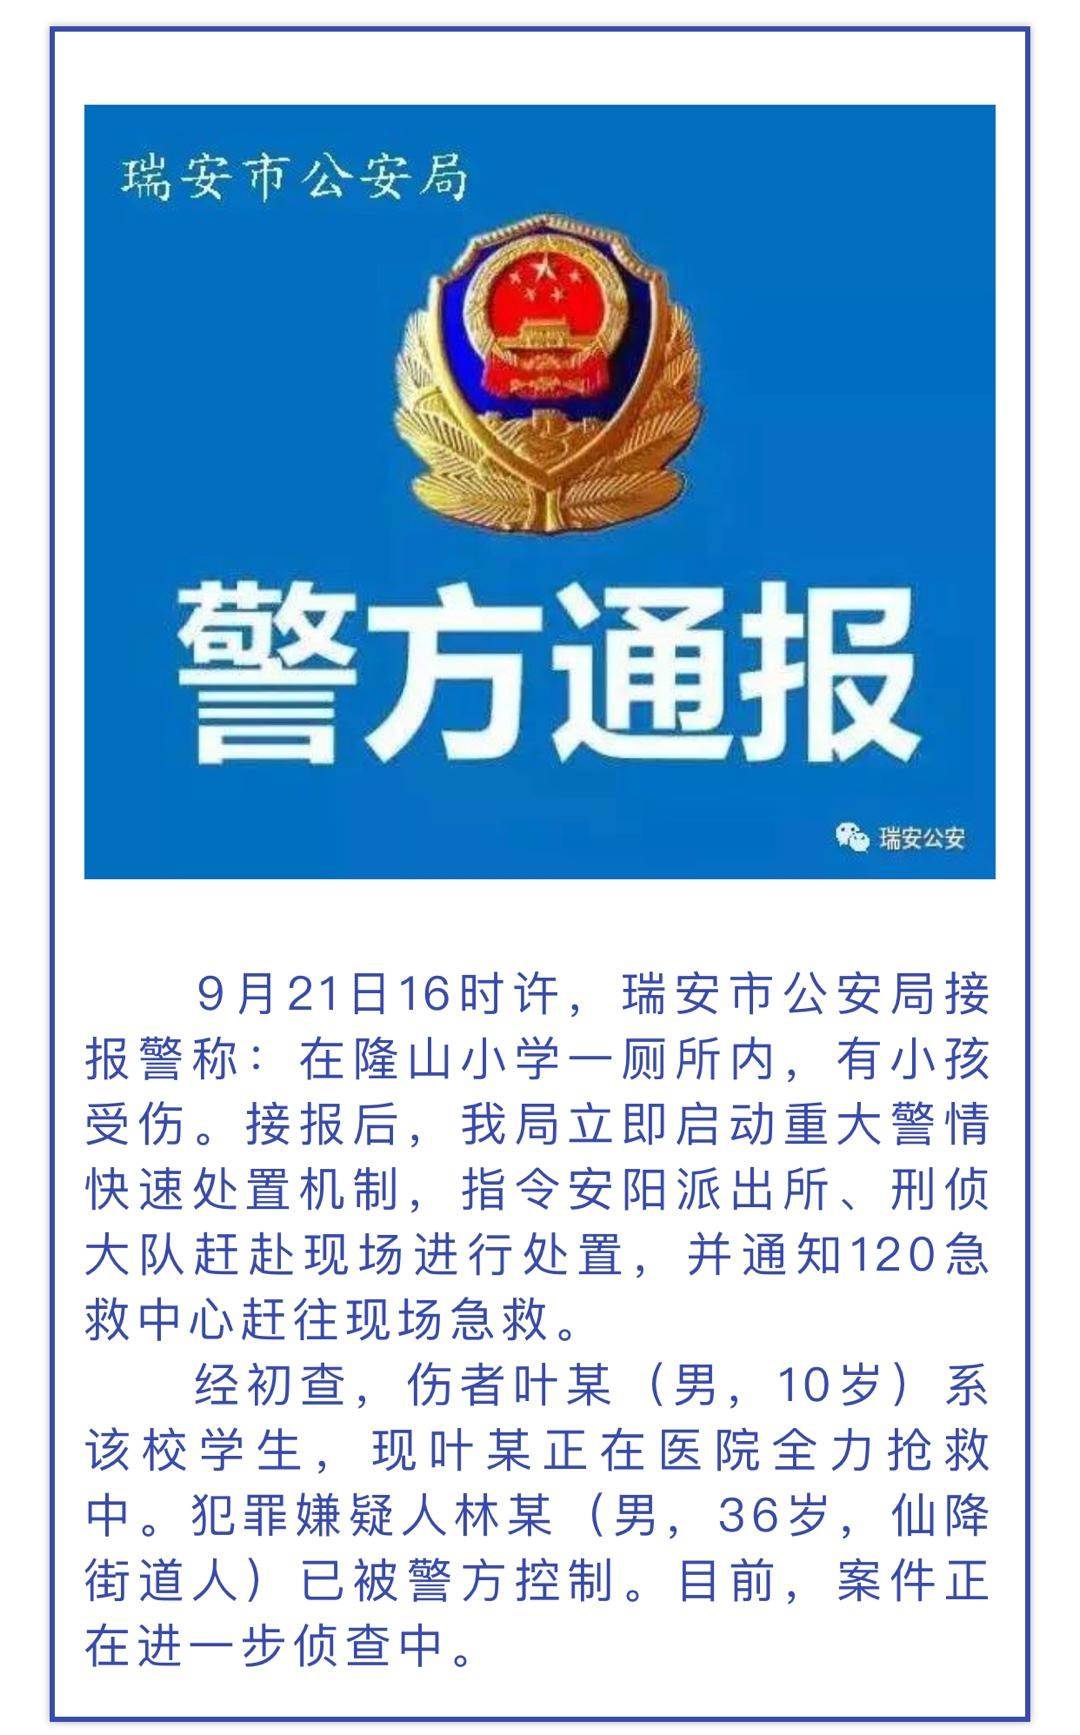 网传温州瑞安一家长杀害小学生 警方:嫌疑人已被控制,学生在抢救